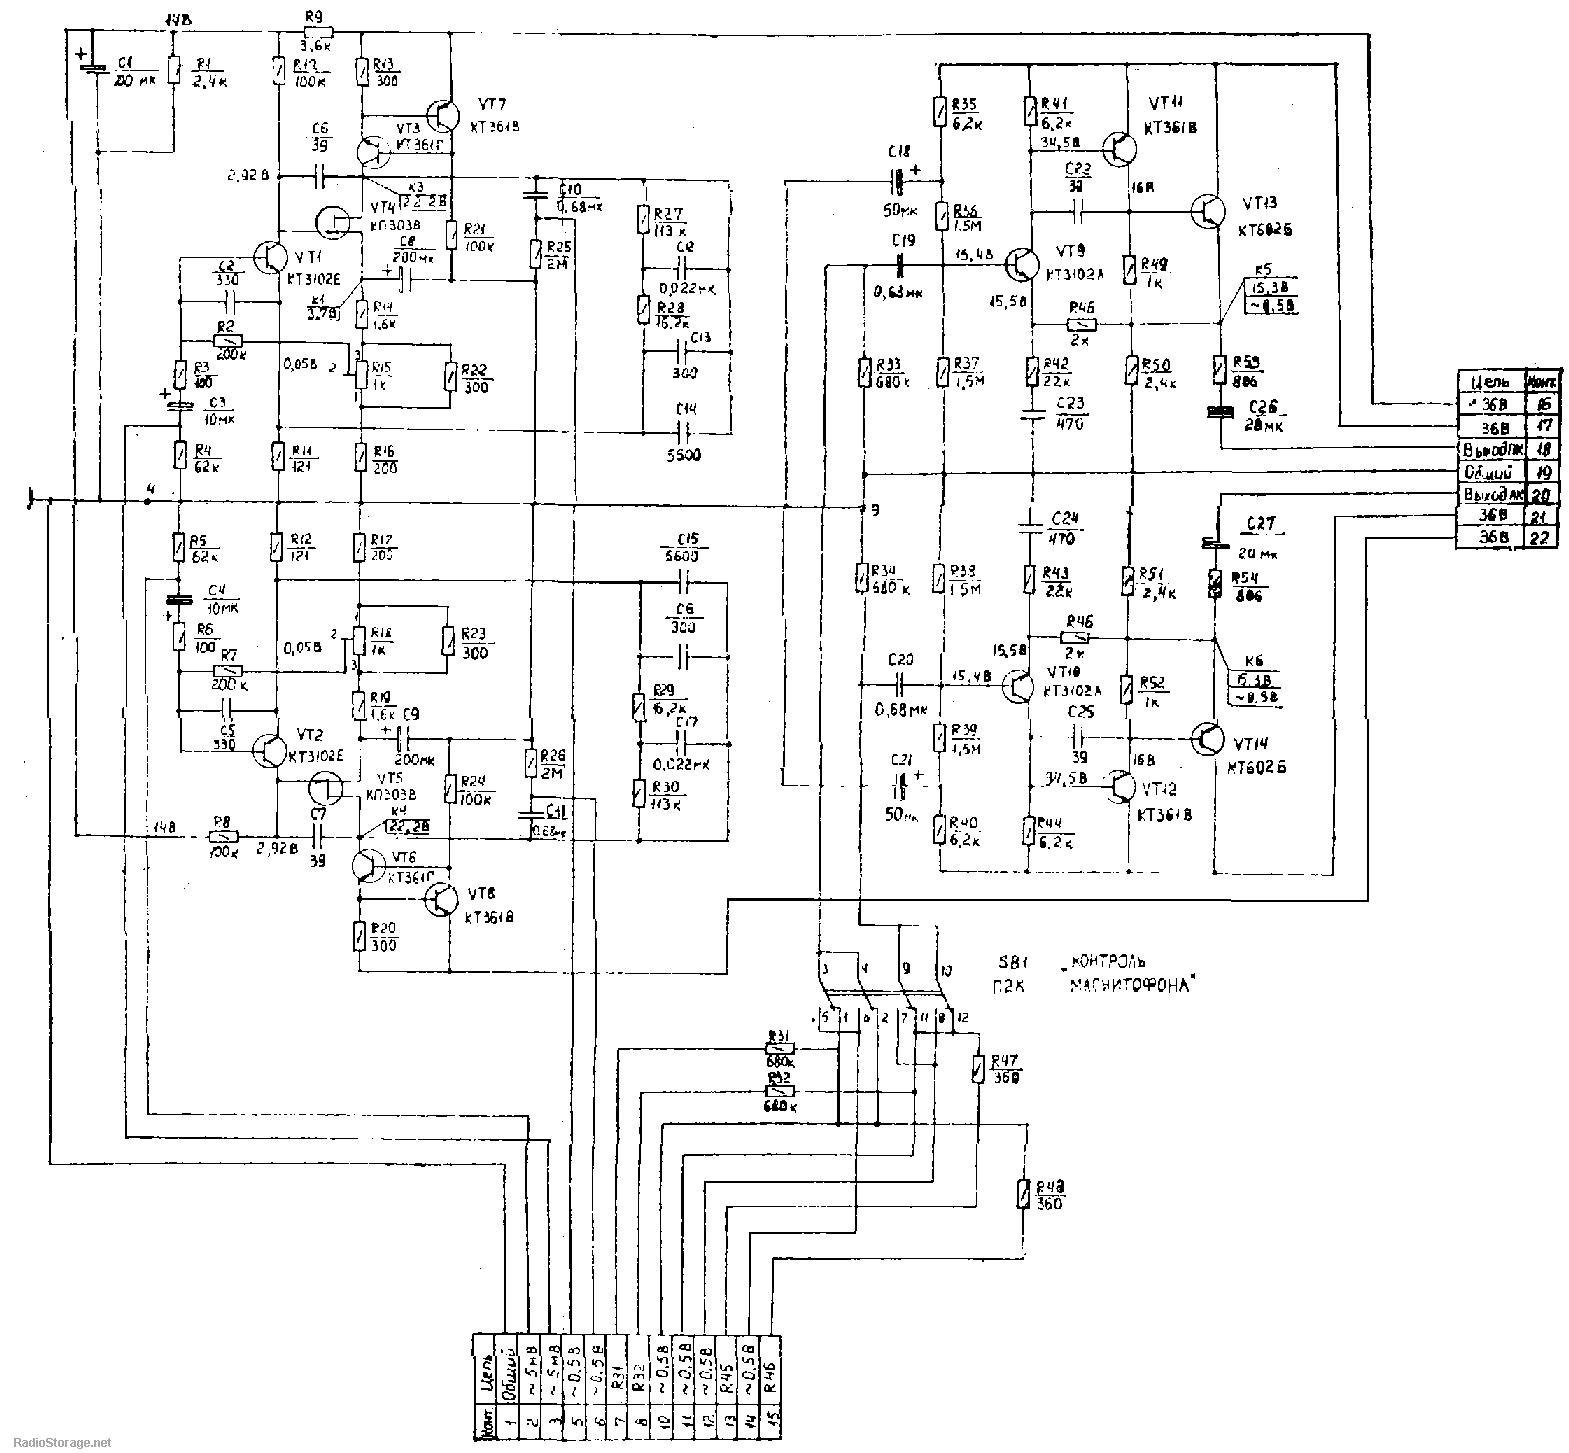 Барк у 001 стерео hi-fi схема принципиальная электрическая